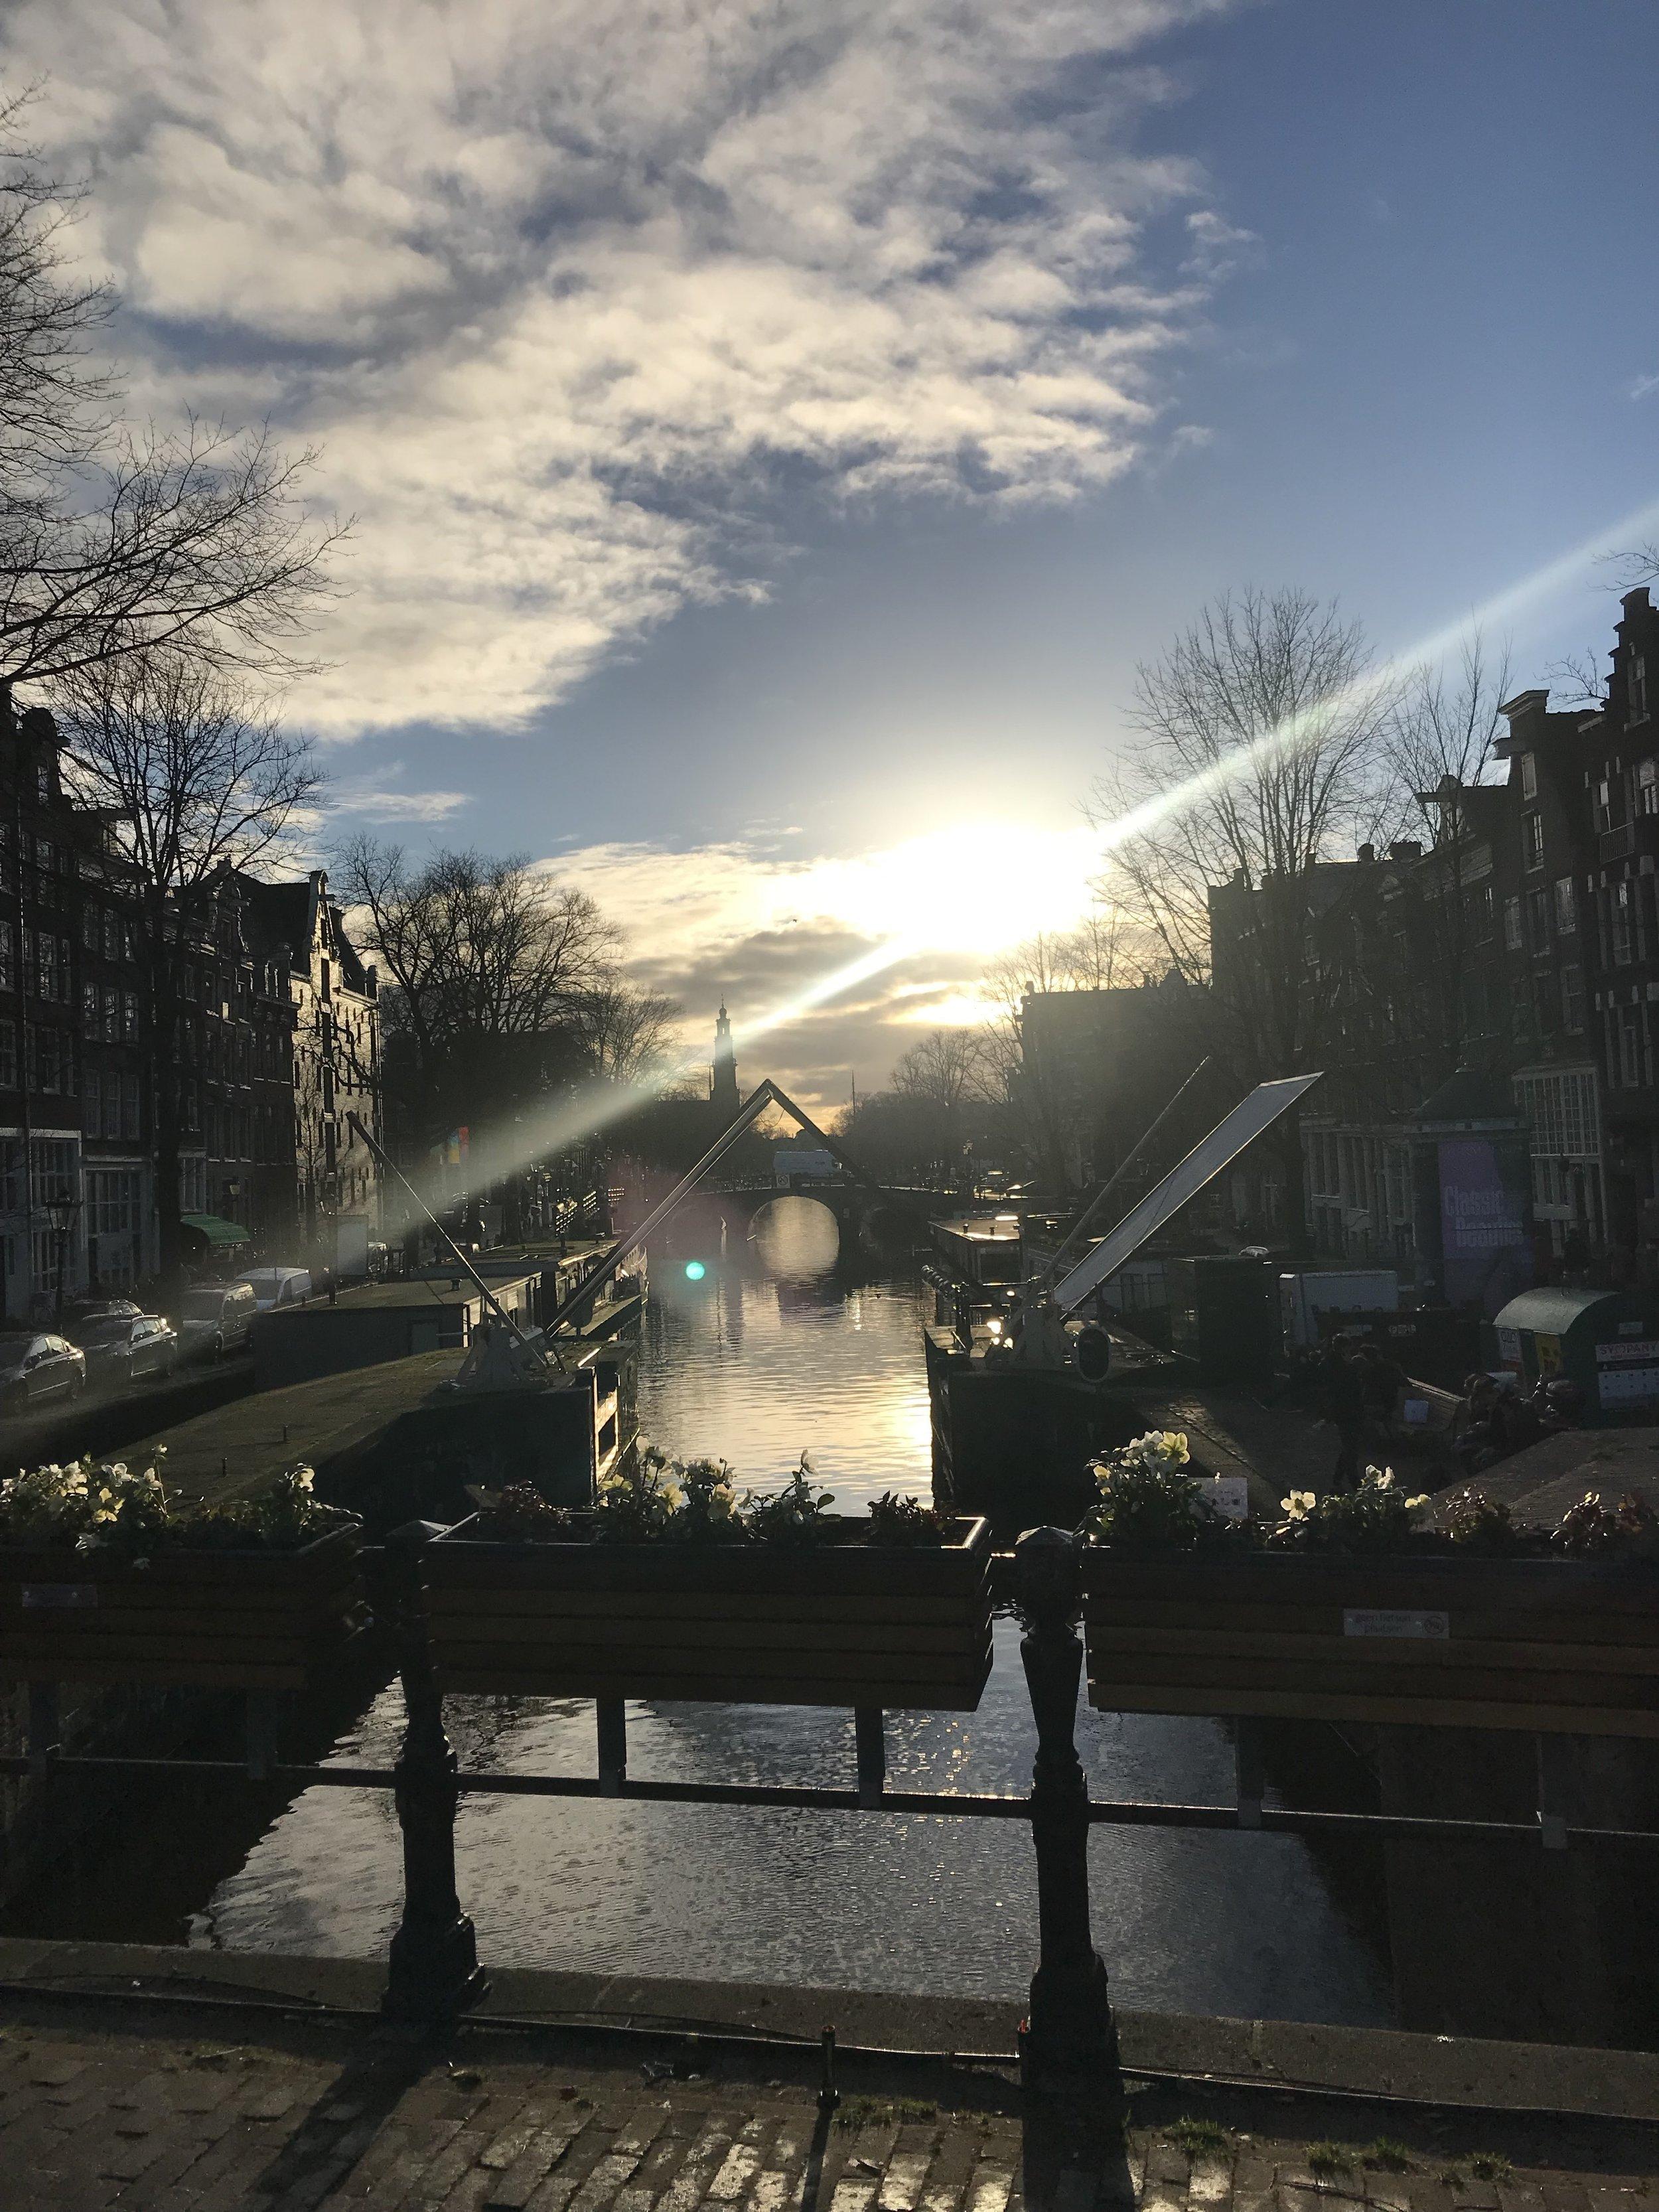 - Favoriete Amsterdam foto